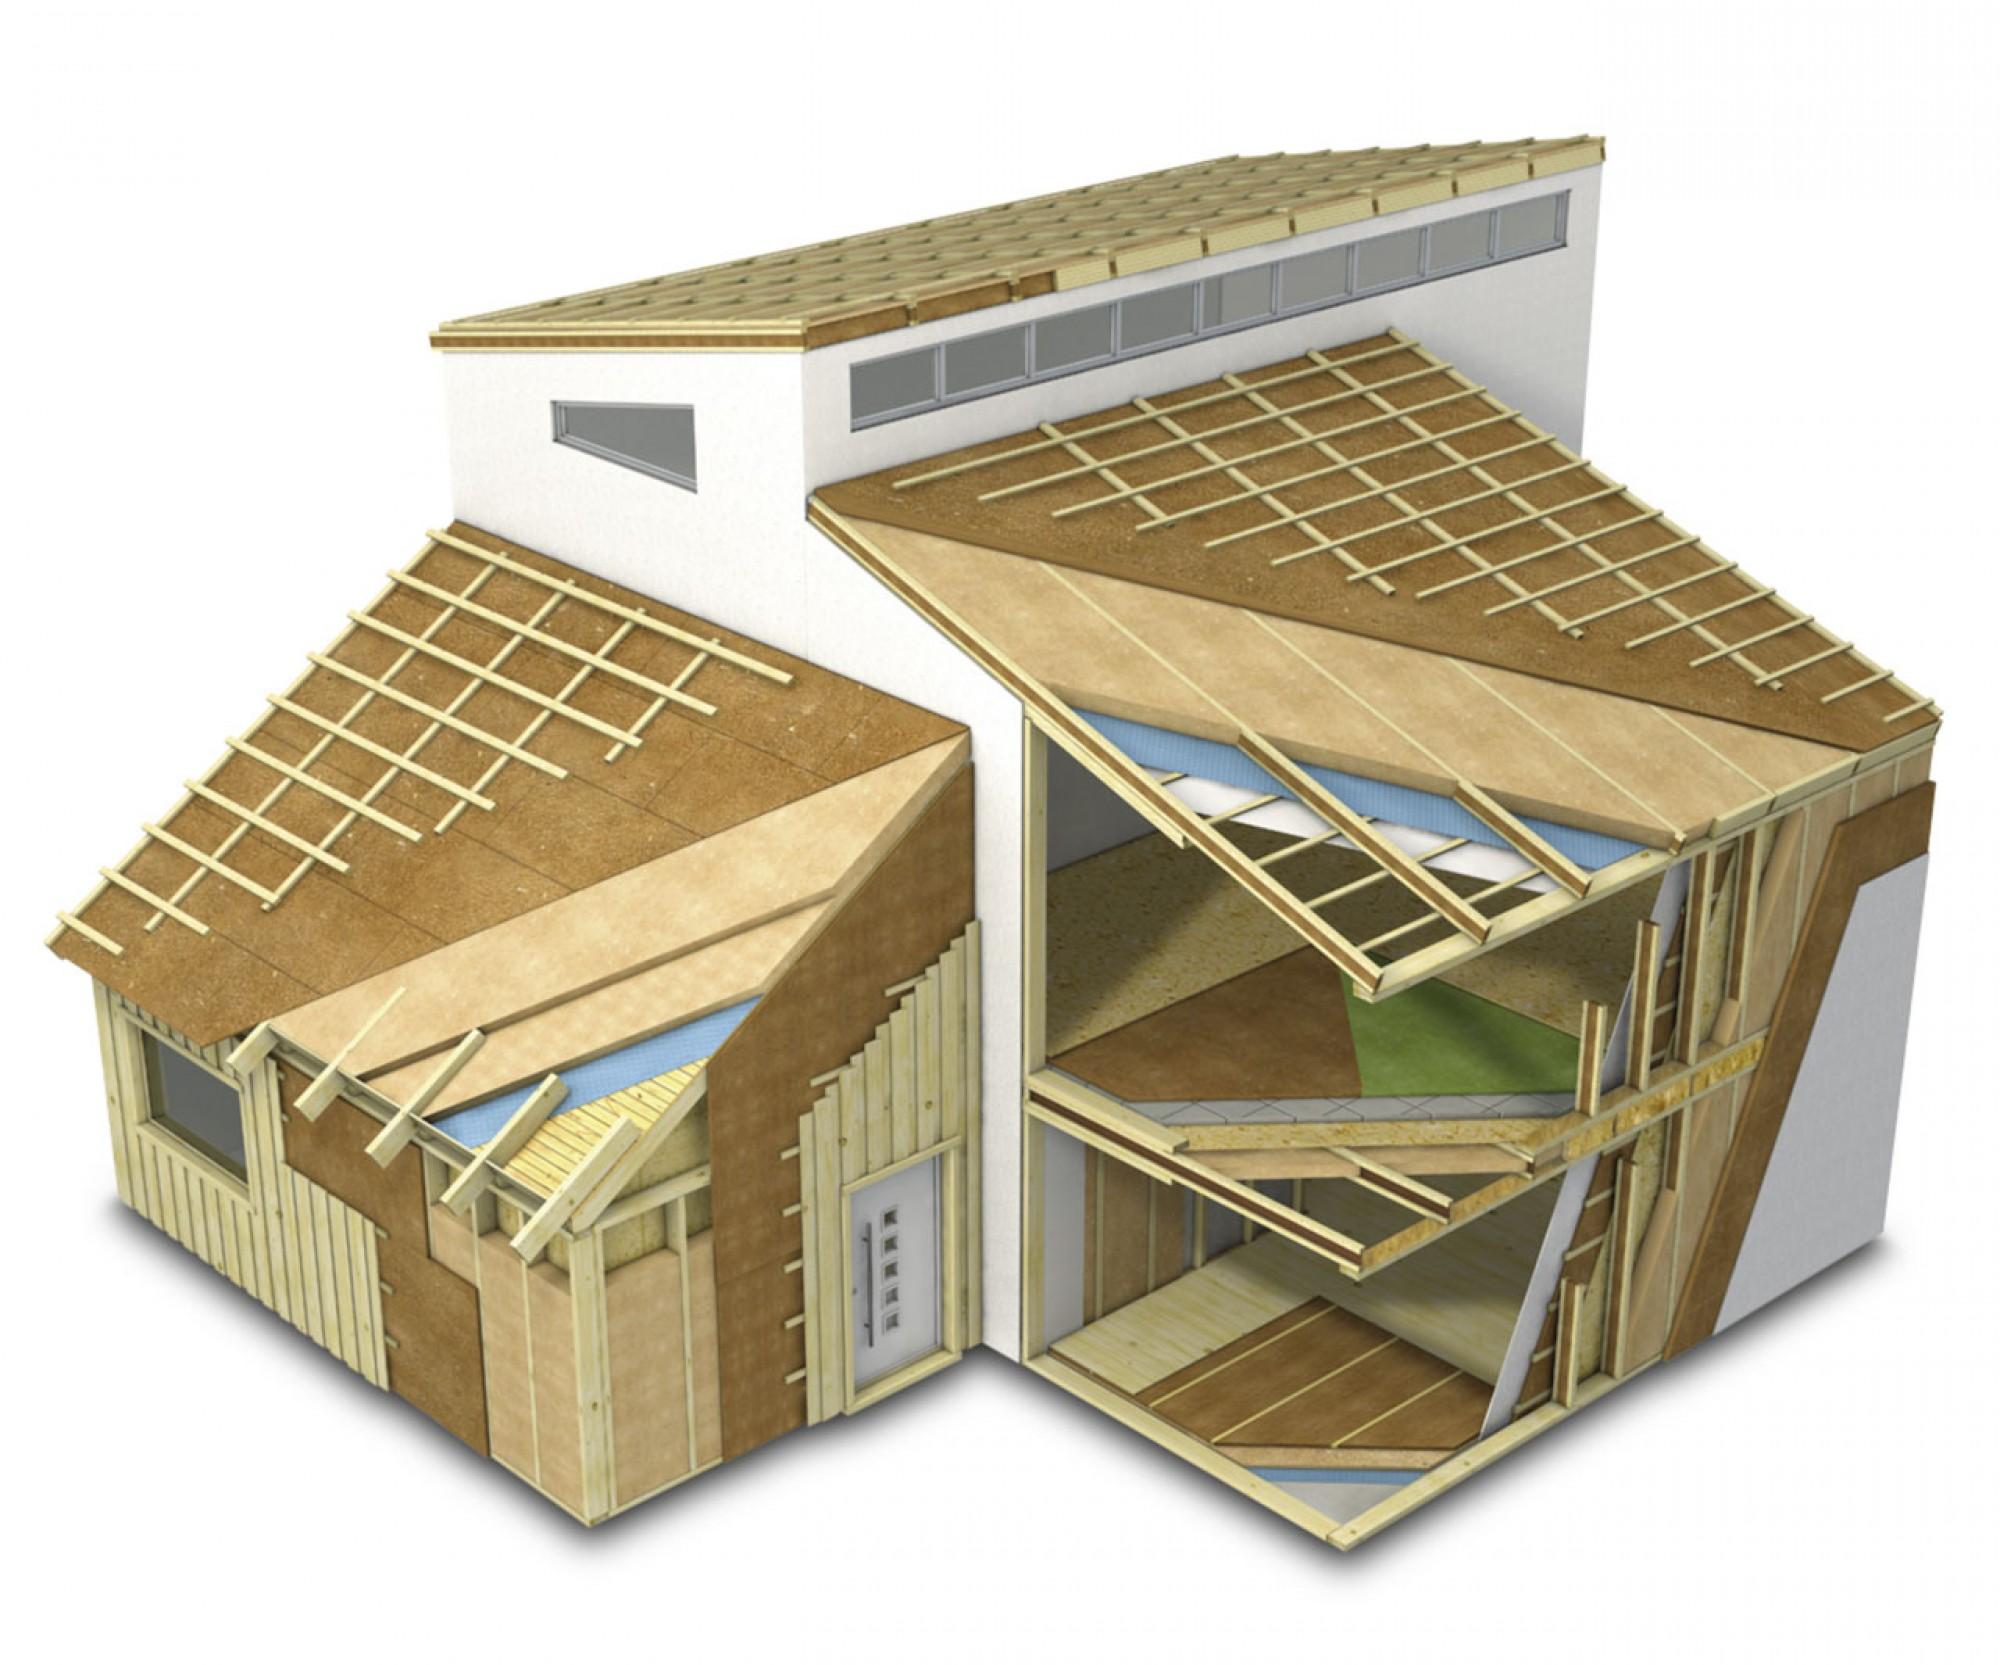 bauwerke sacher holzbau sacher holzbau. Black Bedroom Furniture Sets. Home Design Ideas